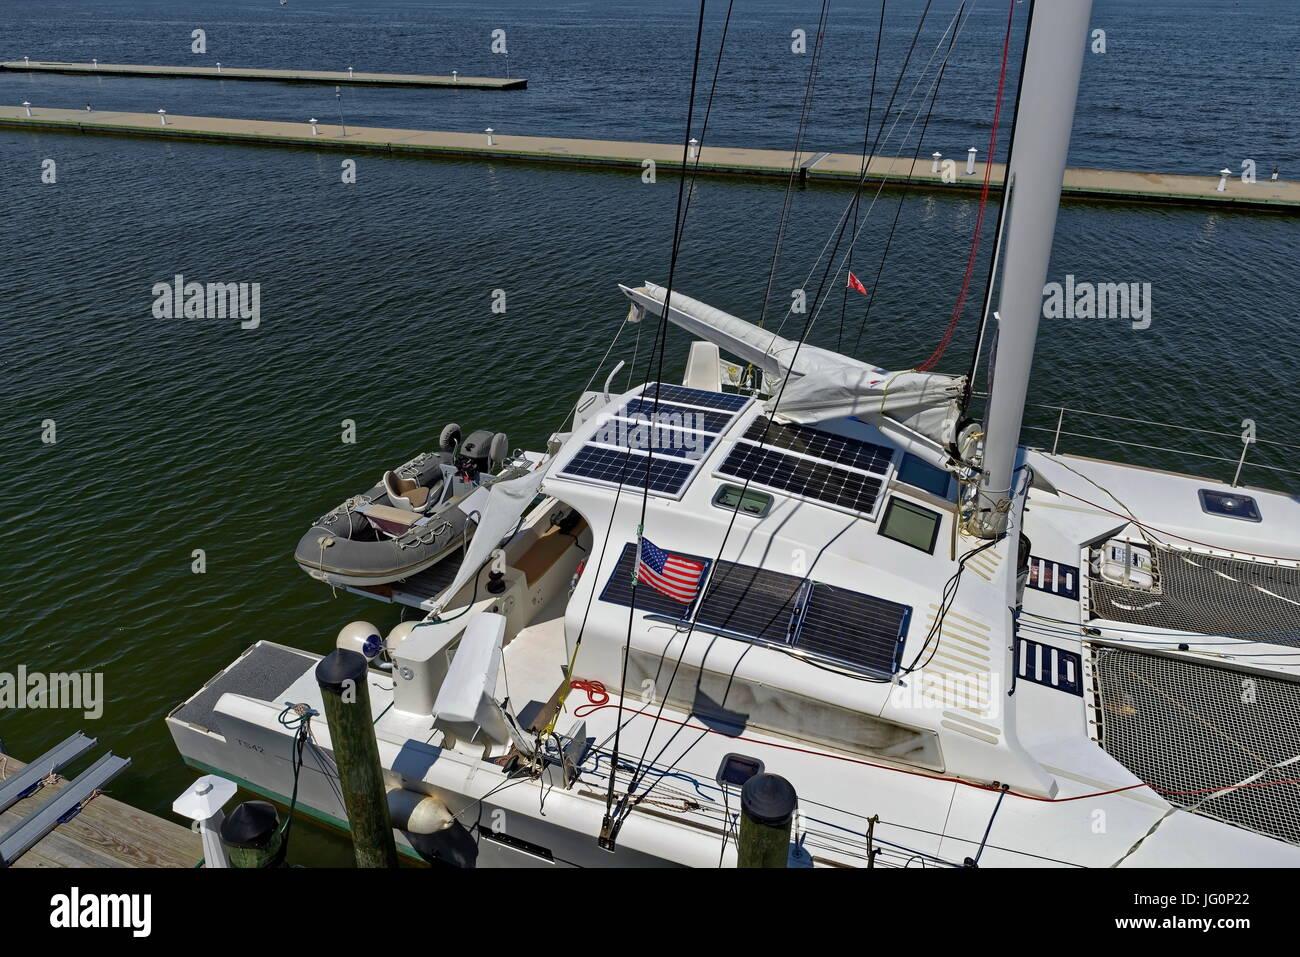 Catamaran at Dockside - Stock Image